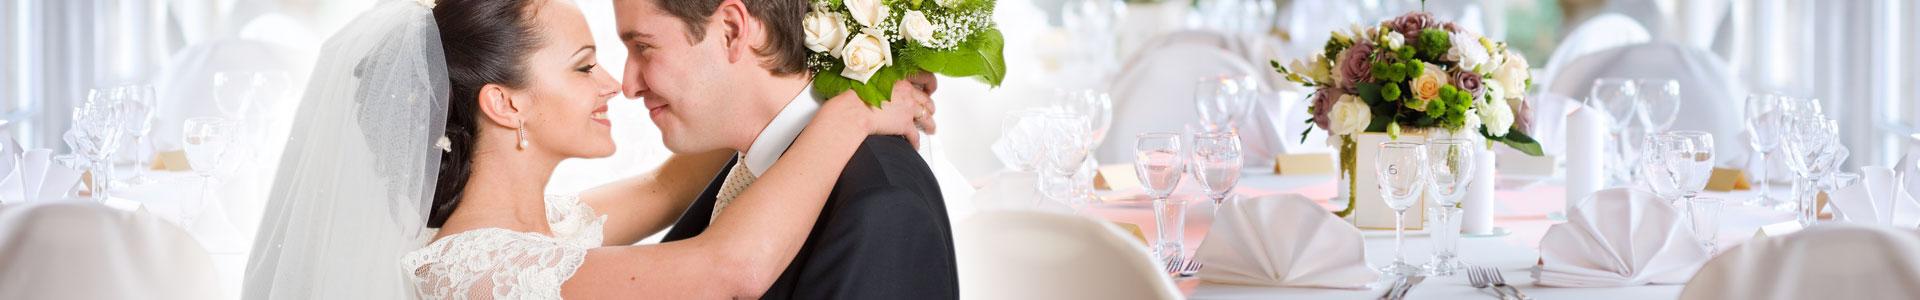 Hochzeitsplanung & Catering im Hunsrück